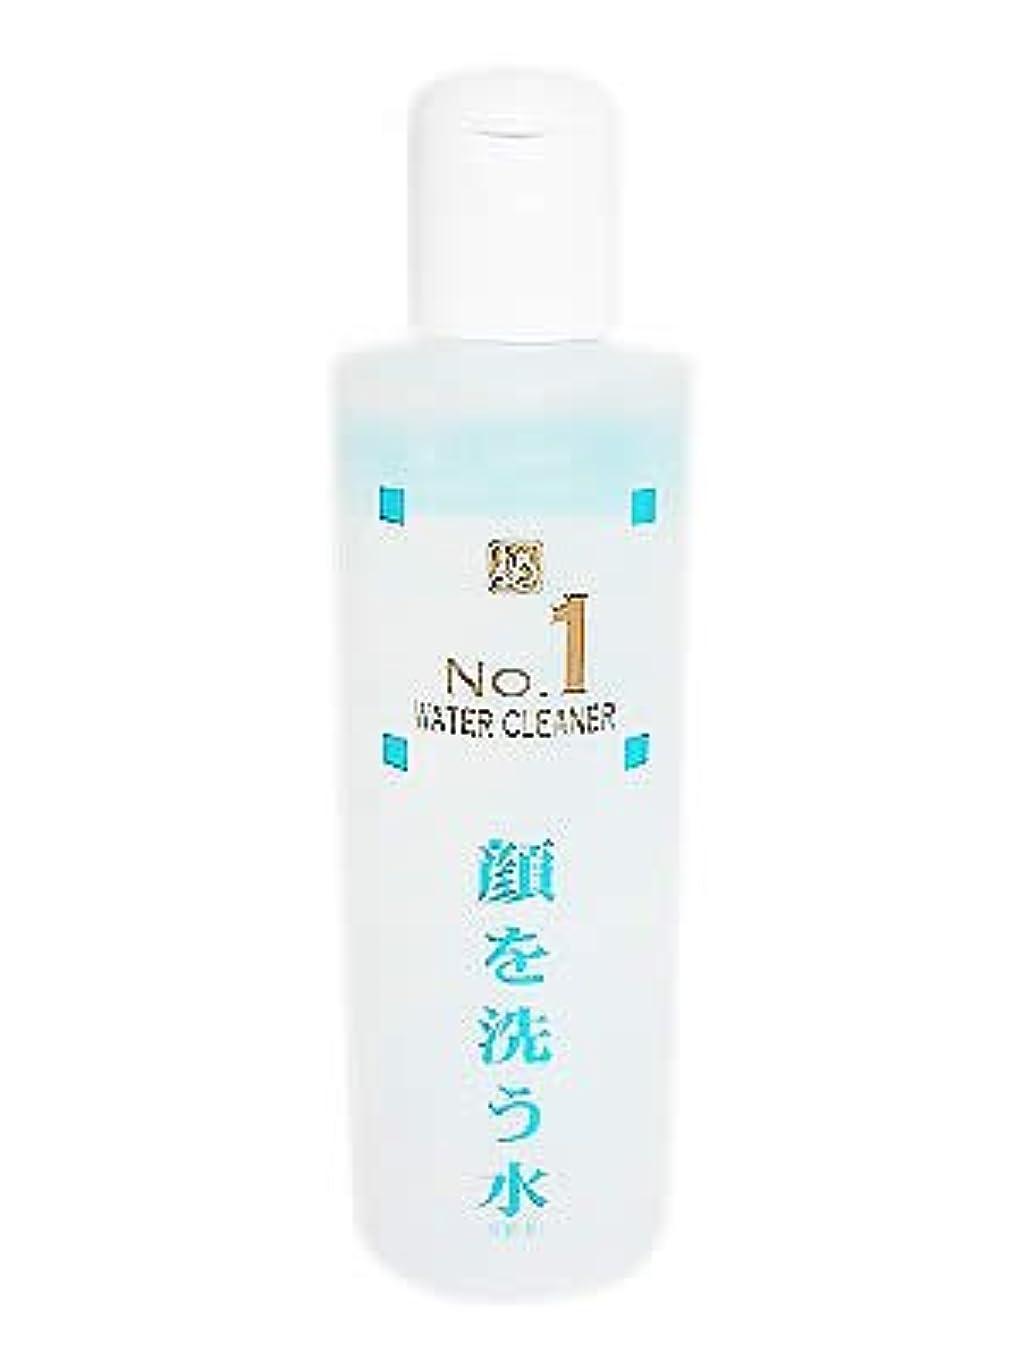 問い合わせ内部むしろ顔を洗う水 No.1 ウォータークリーナー 洗顔化粧水 500ml